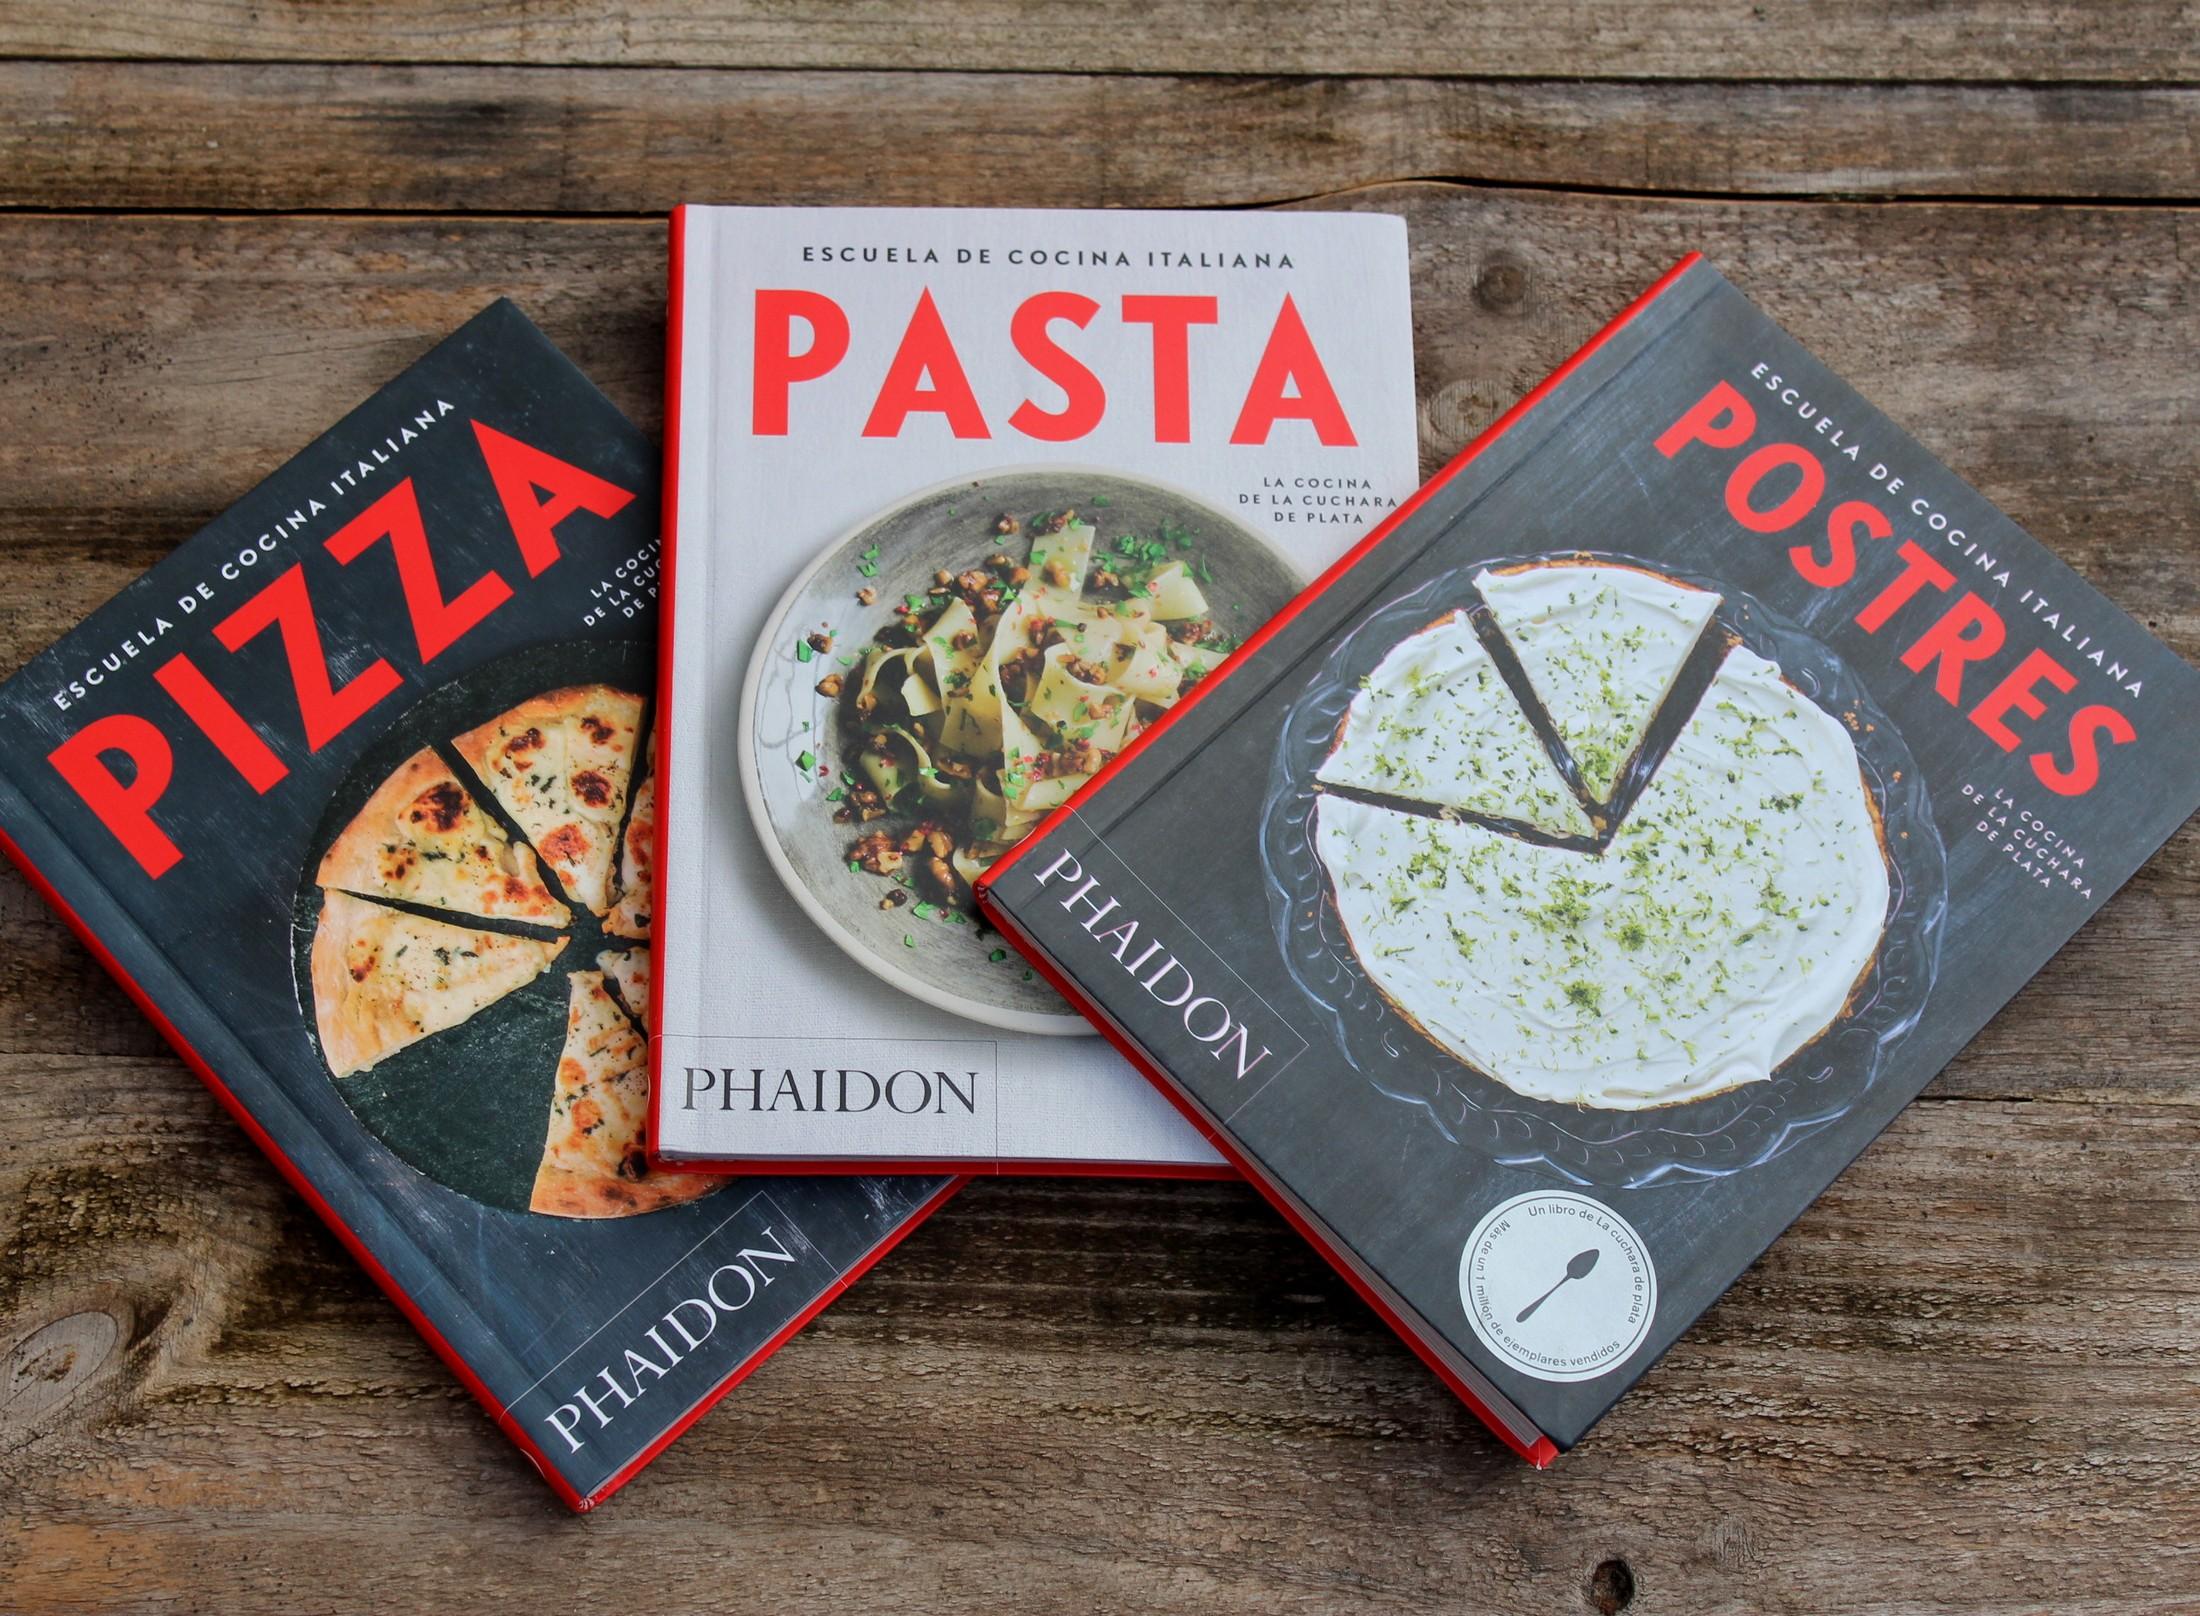 Escuela de cocina italiana Pizza, Pasta y Postre (1)